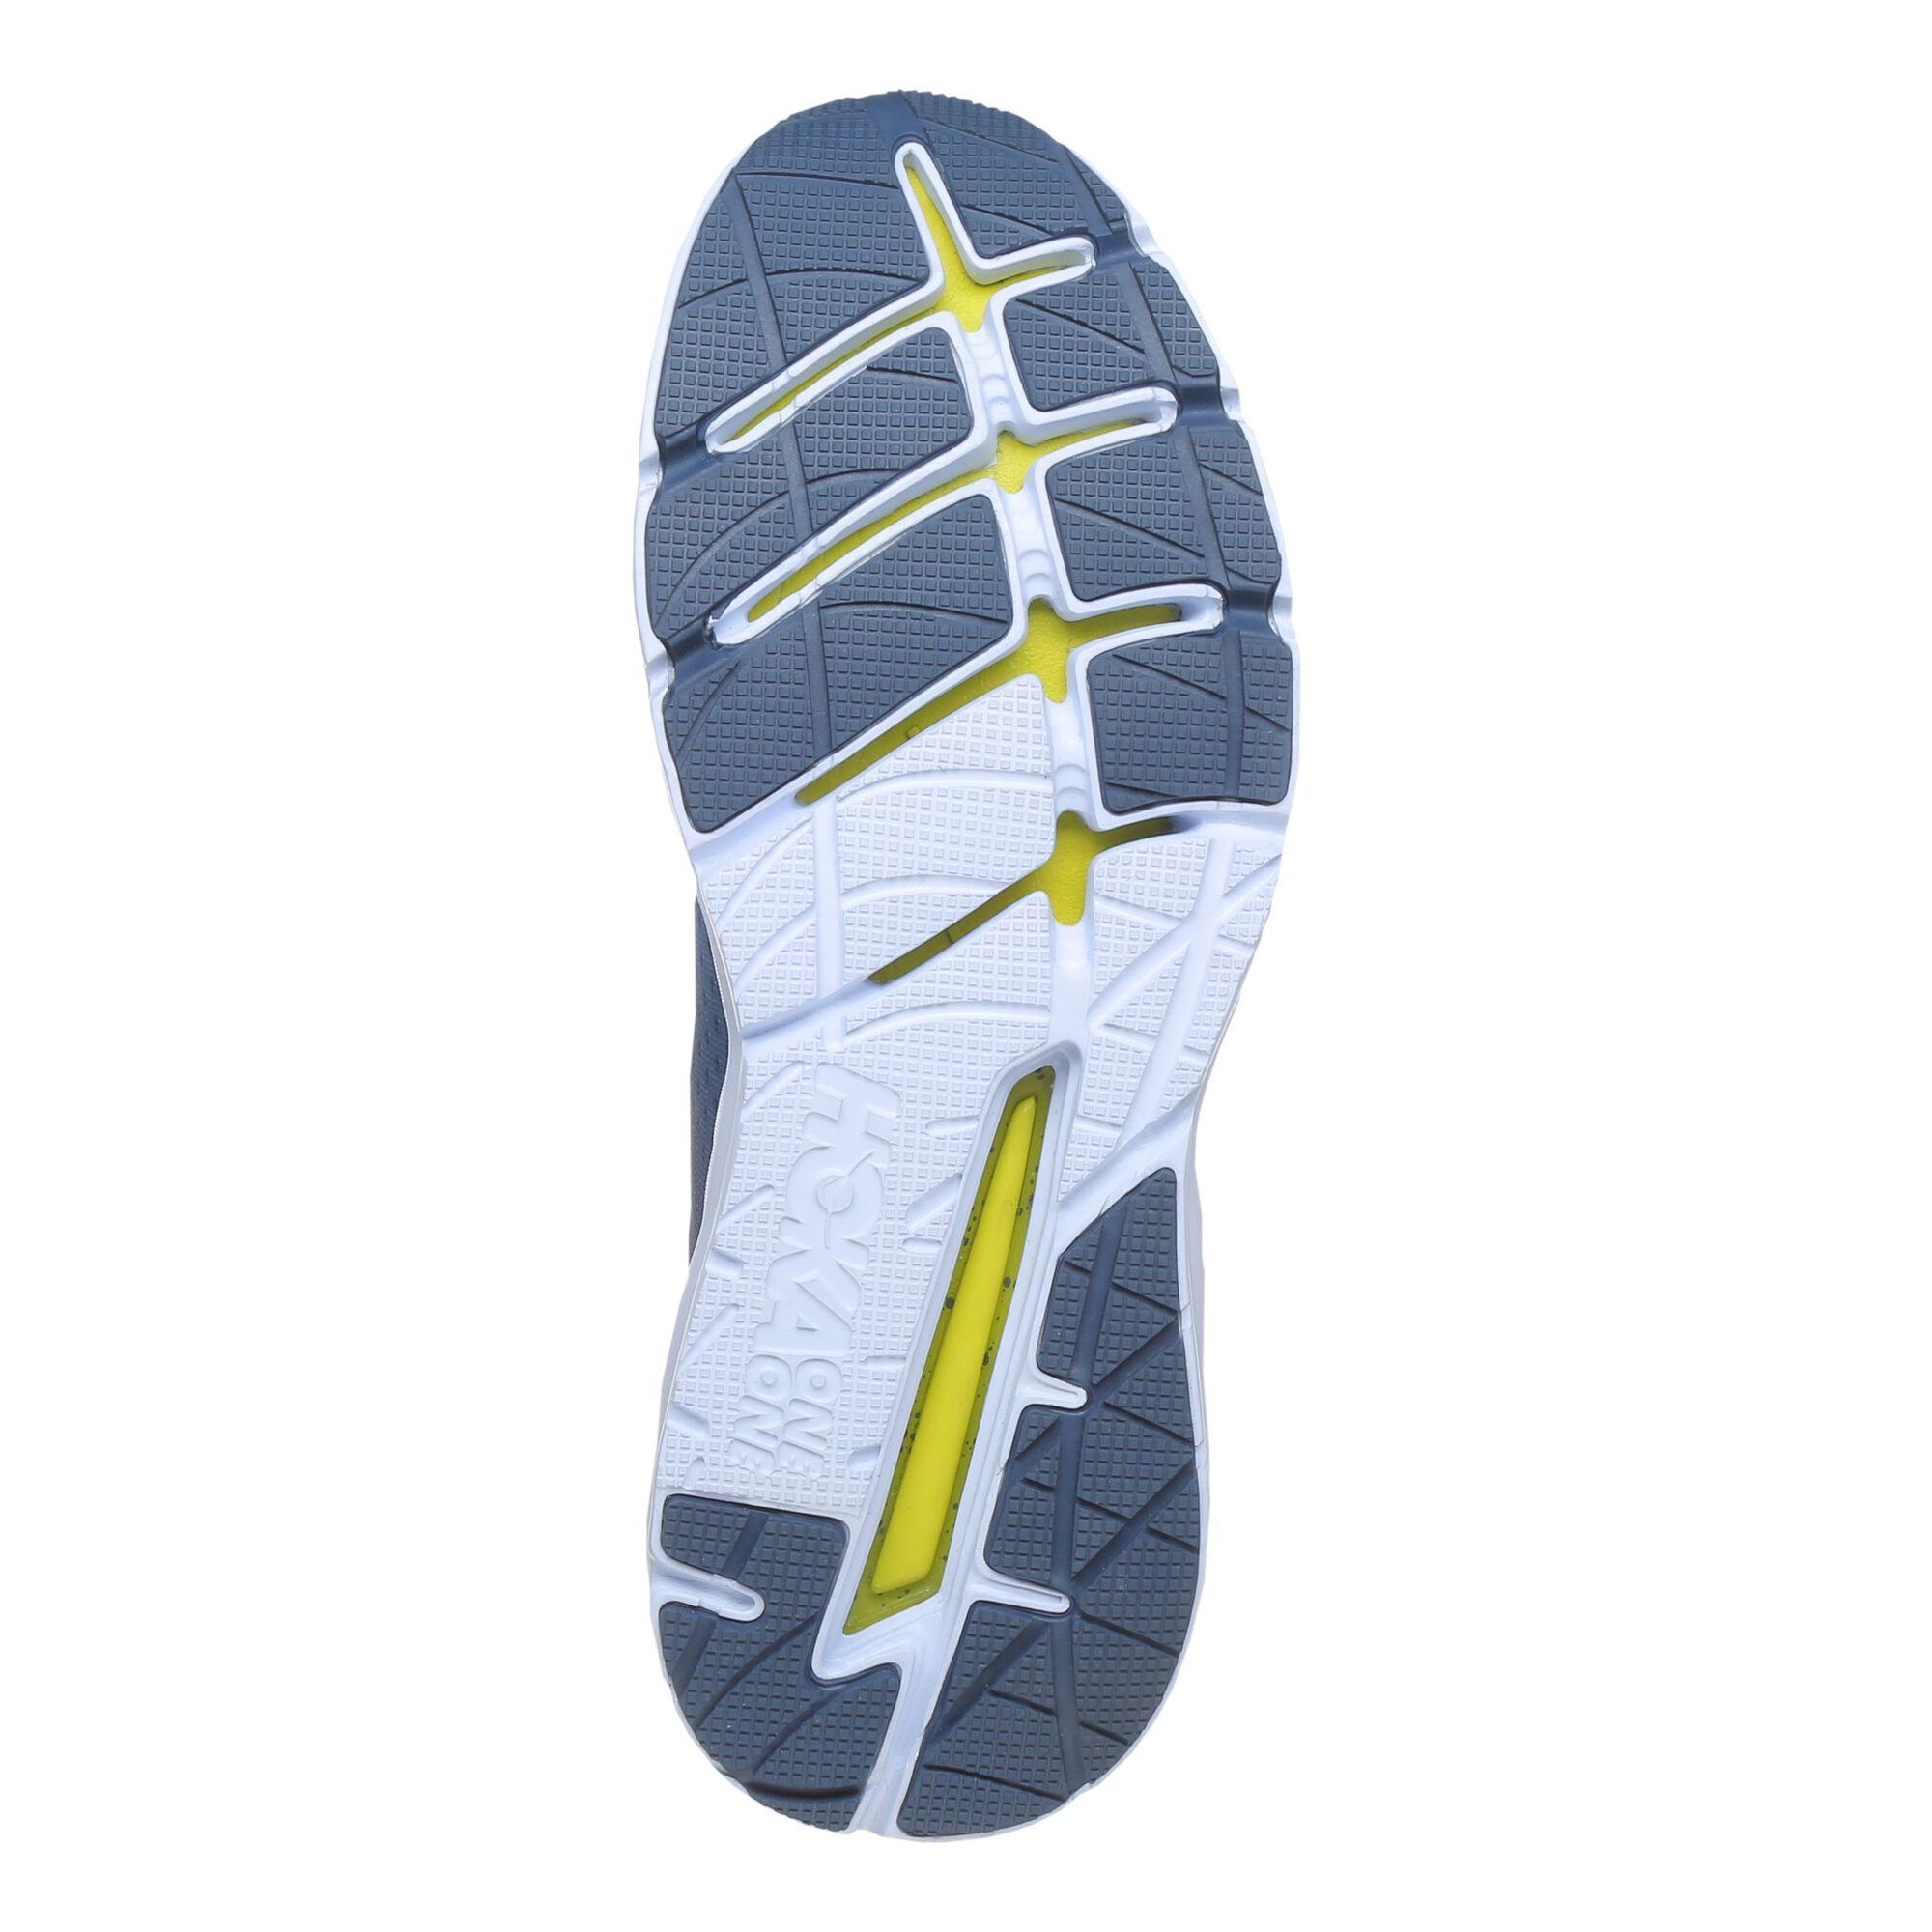 buy Hoka One One Elevon Neutral Running Shoe Men - Light Blue 3e1d8635c